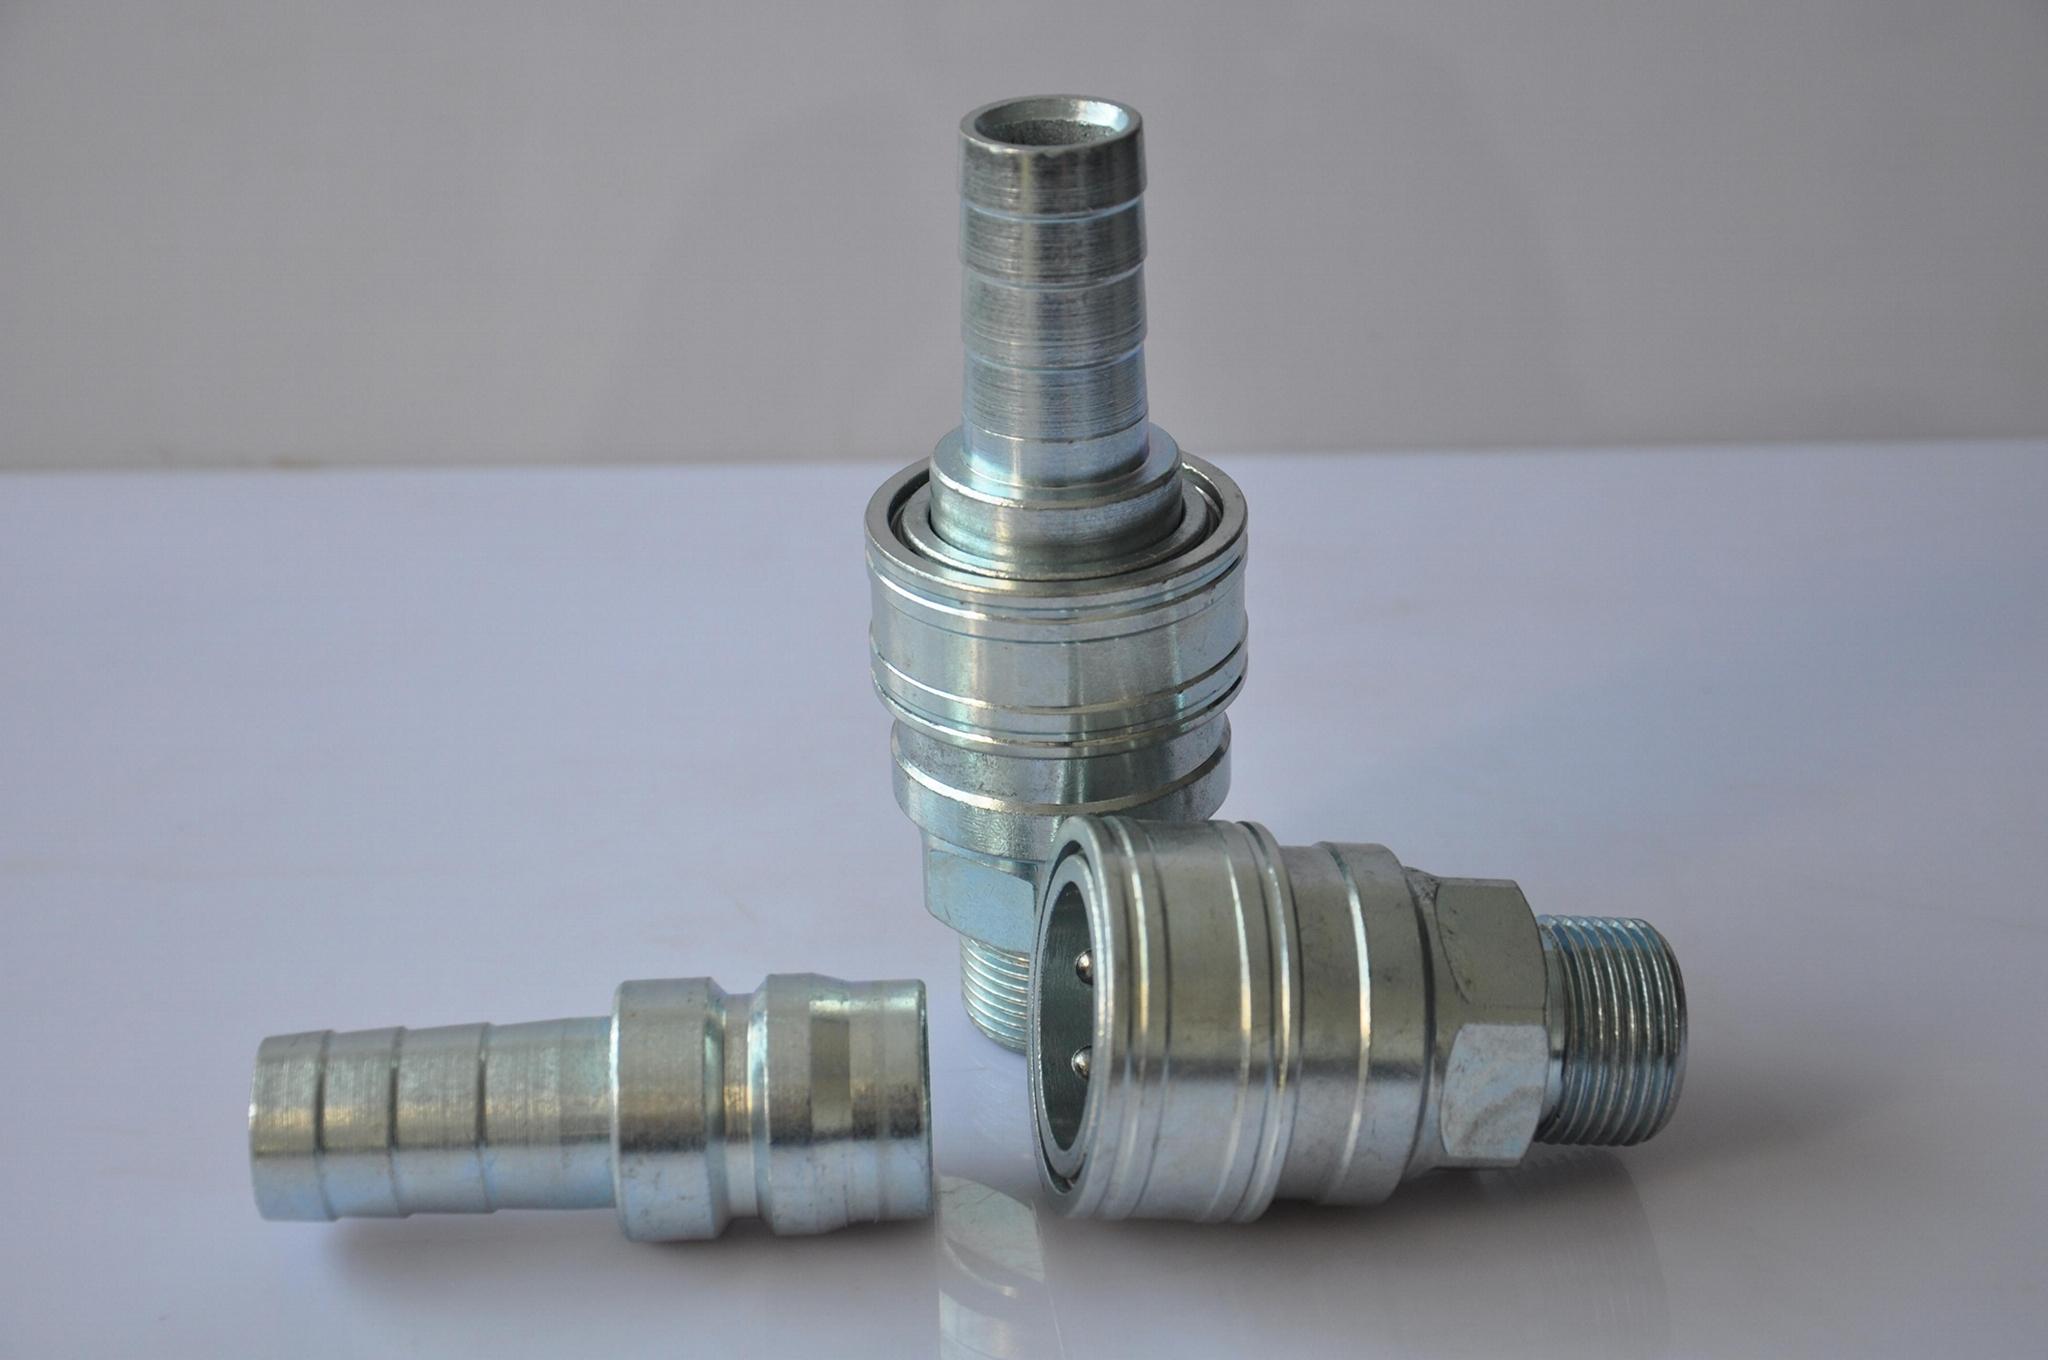 C式氣動快速接頭自鎖氧氣管空壓機氣泵配件風炮管公母快插 1